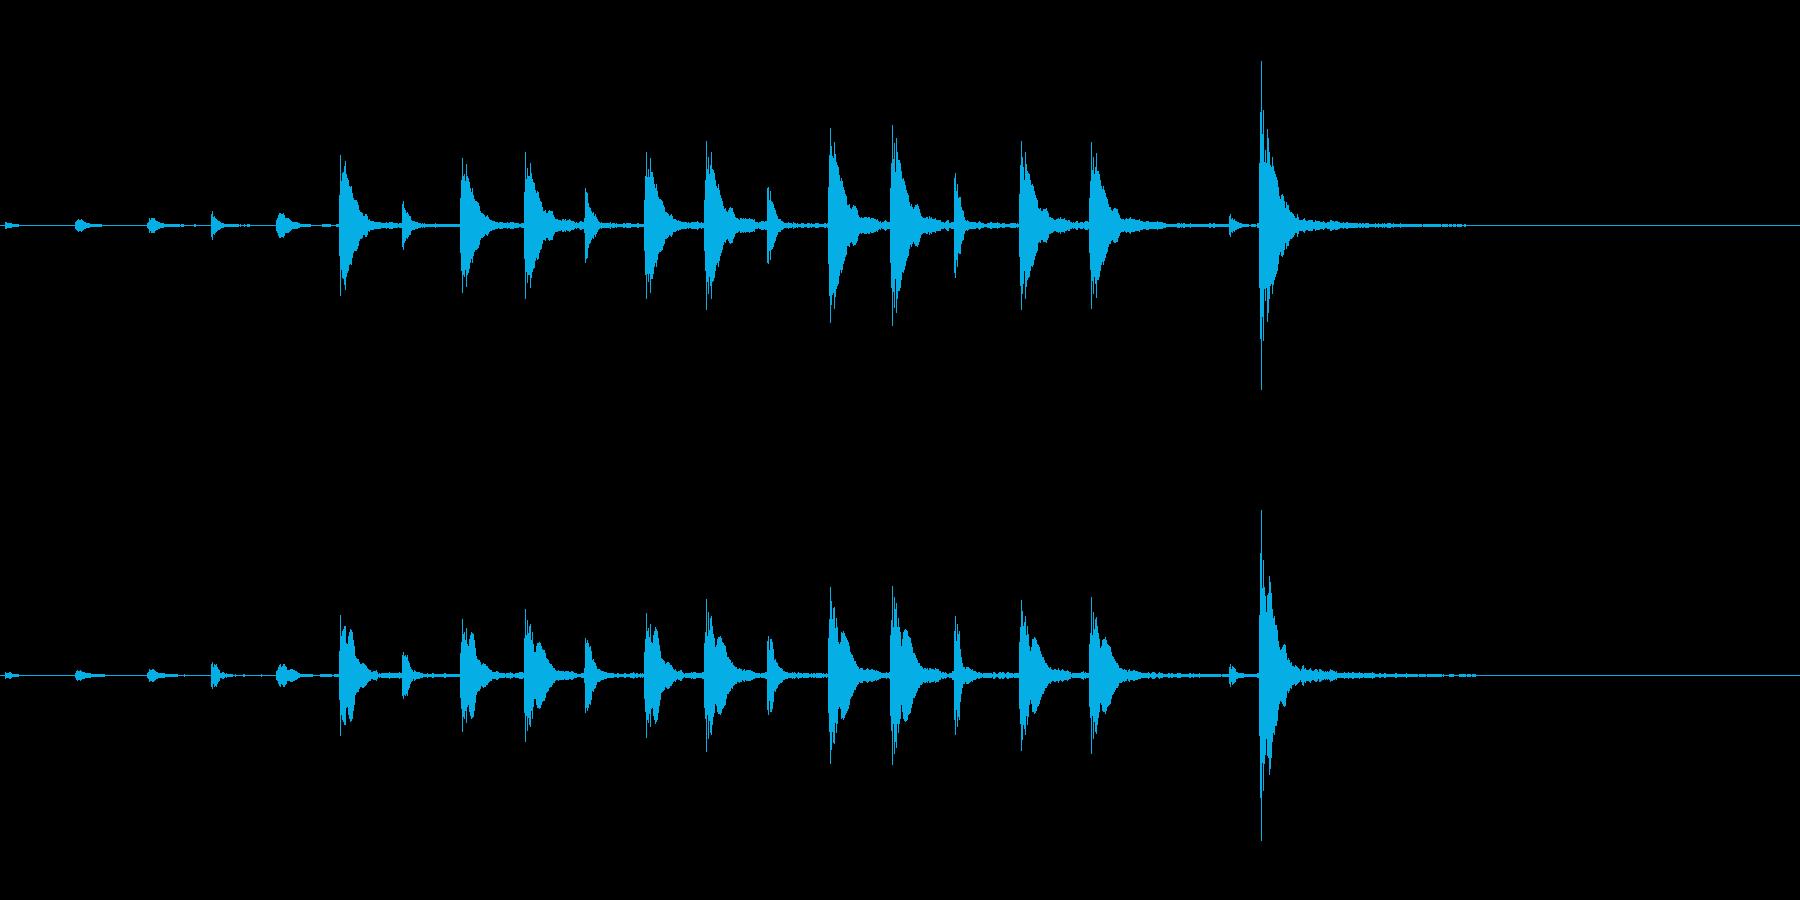 能や歌舞伎の小鼓のフレーズ音+FXの再生済みの波形